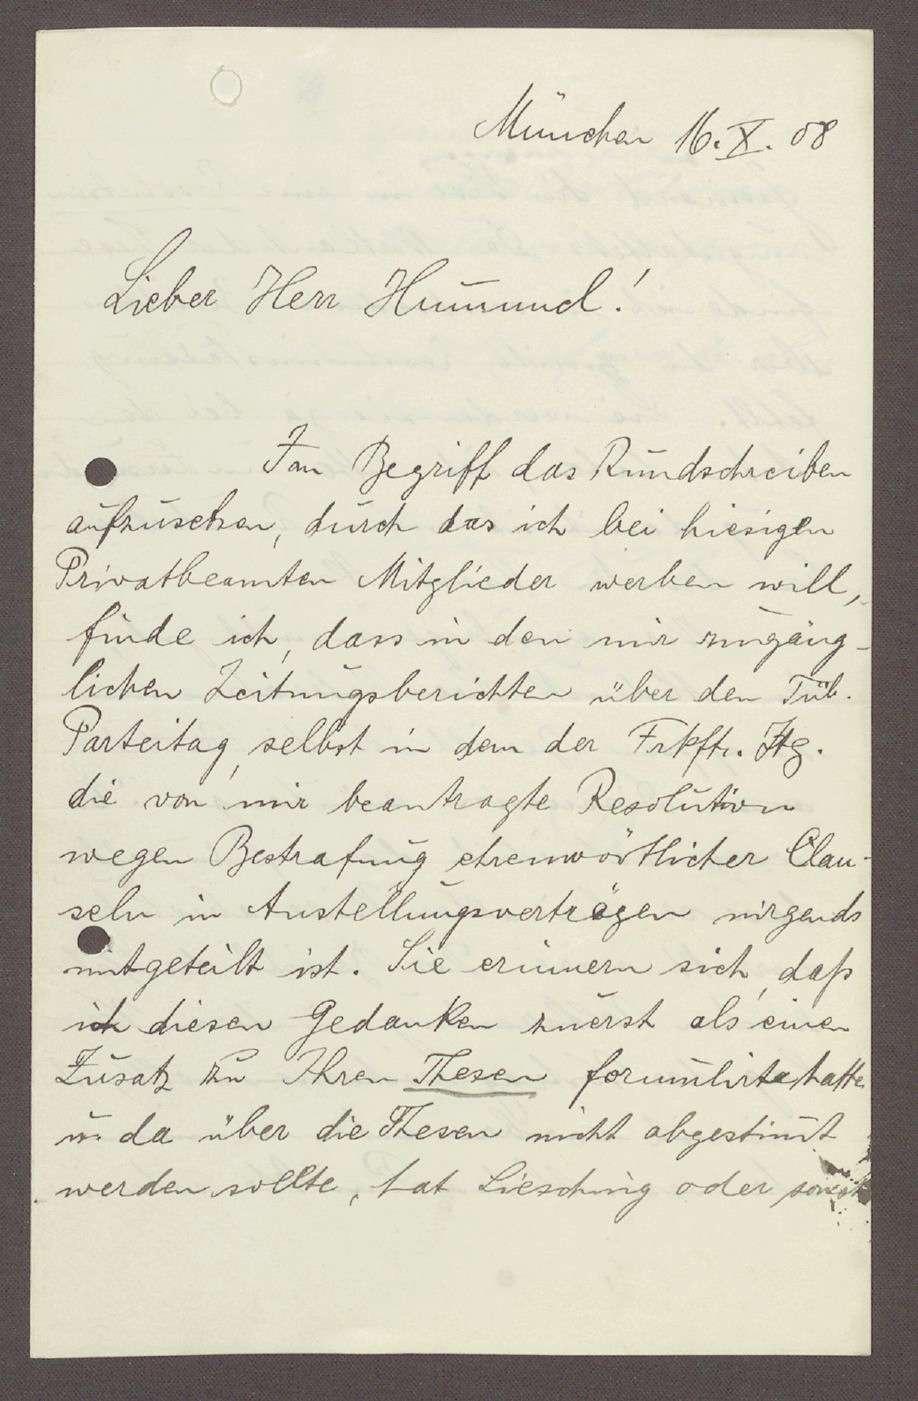 Schreiben von Ludwig Quidde, München, an Hermann Hummel: Beschwerde darüber, dass eine politische Passage in den Thesen von Hummel fehlt, 1 Schreiben, Bild 1